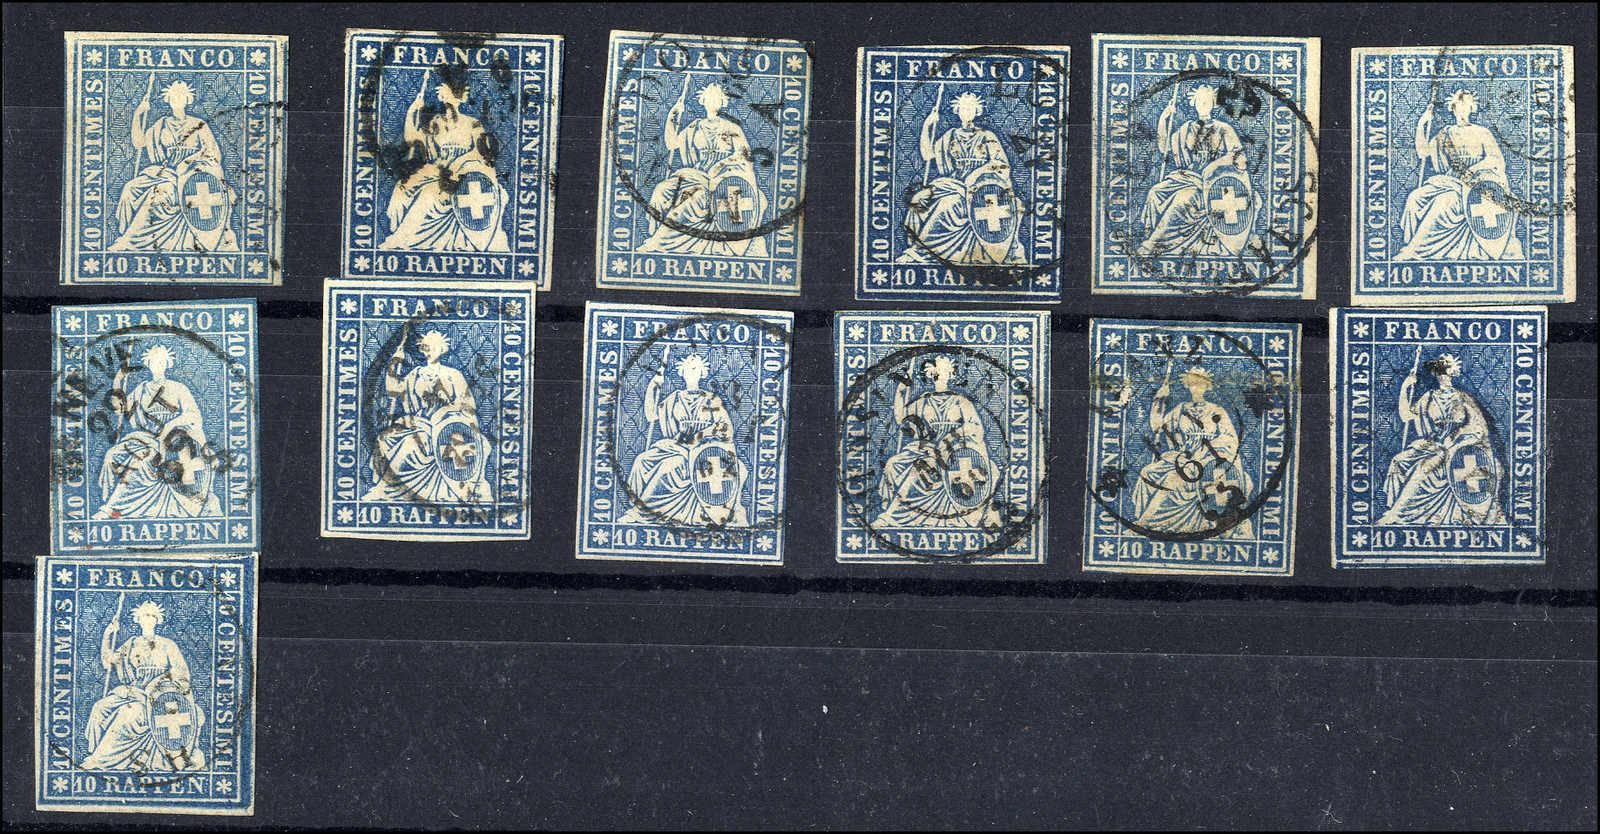 Lot 49 - sammlungen und posten sammlungen und posten altschweiz -  Rolli Auctions Auction #68 Day 1